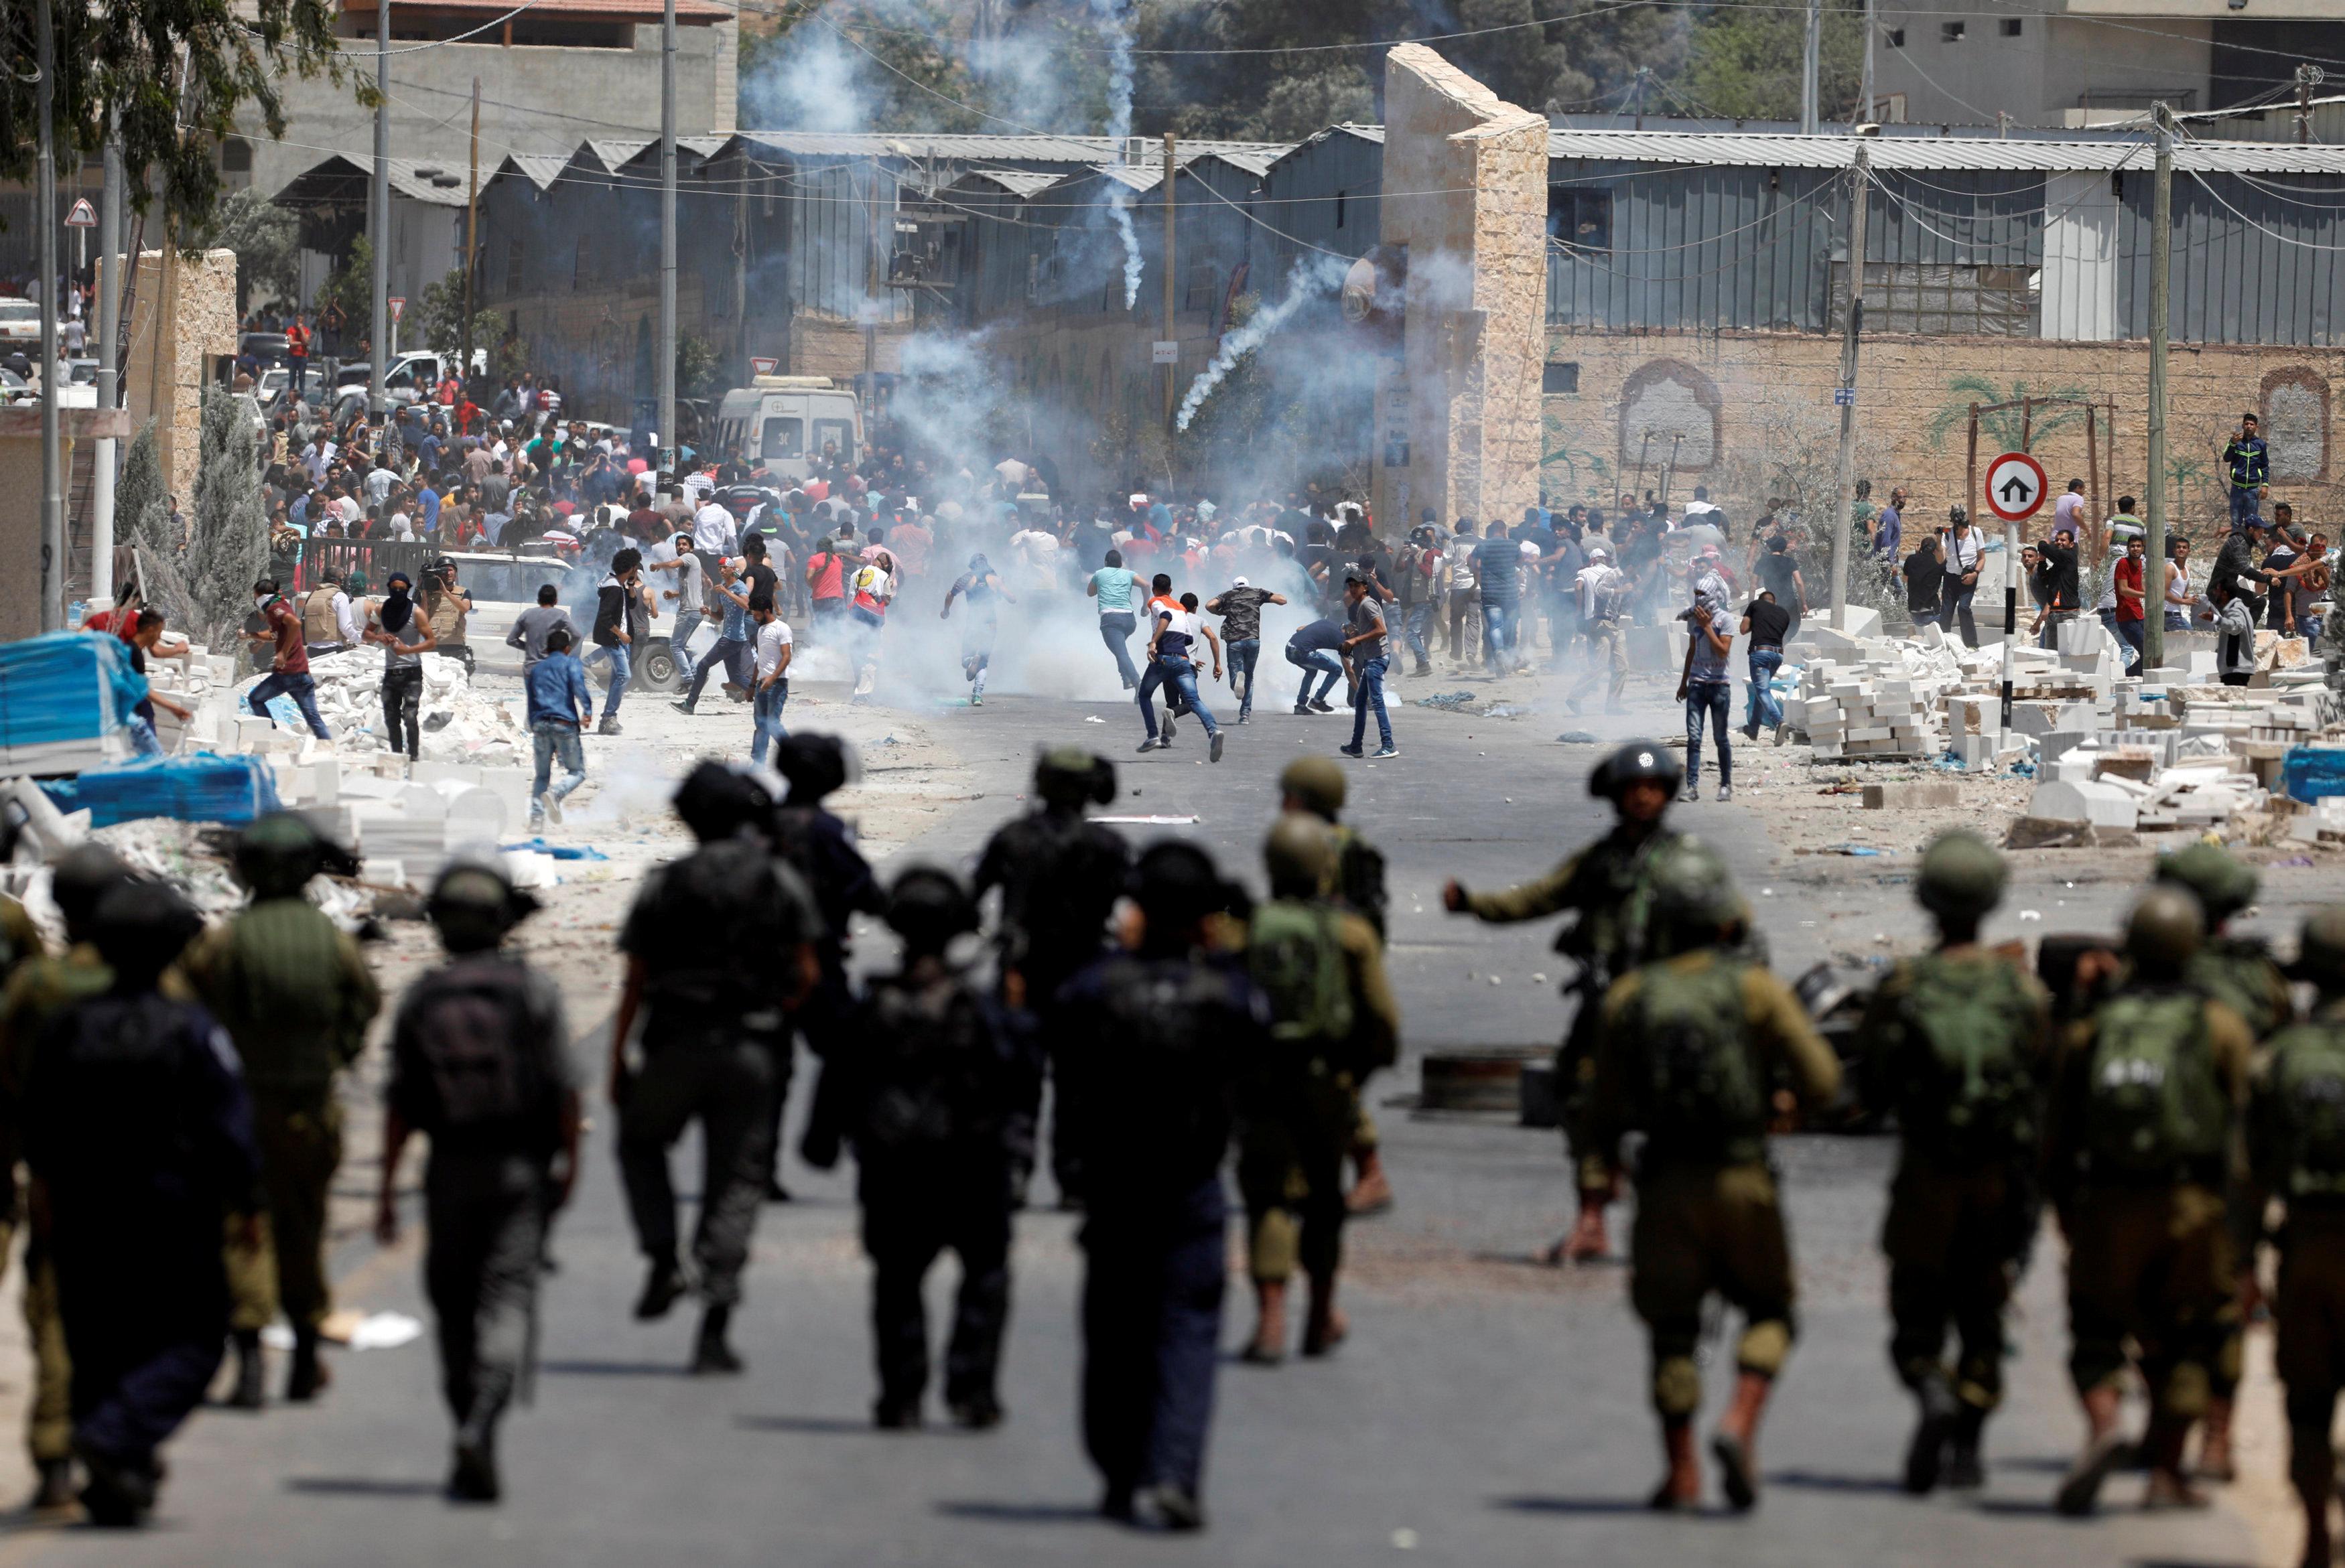 مواجهات بين قوات الاحتلال وفلسطينيين بقرية بيتا